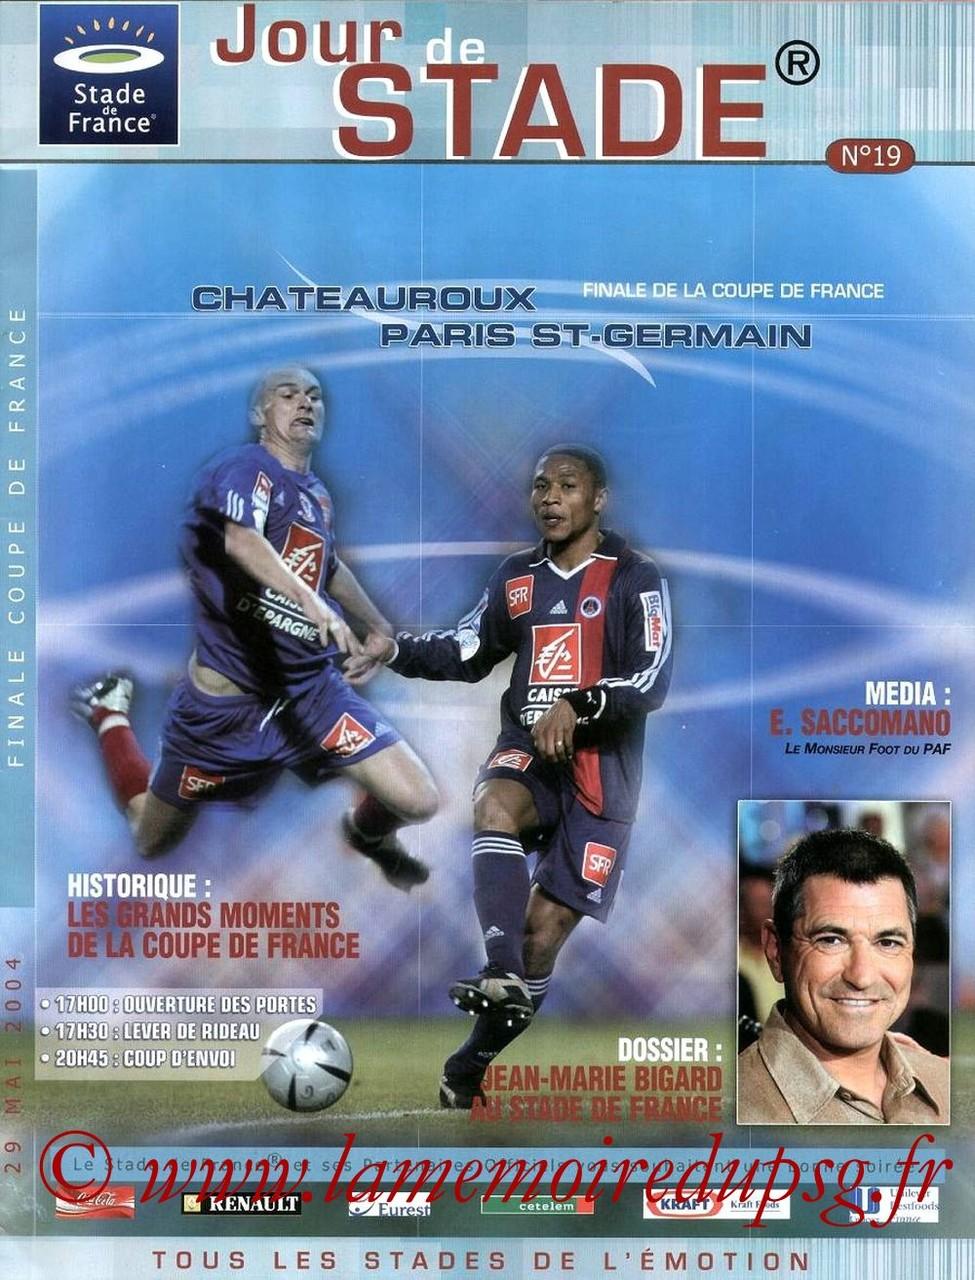 2004-05-29  PSG-Chateauroux (Finale CF à Saint-Denis, Jour de Stade N°19)